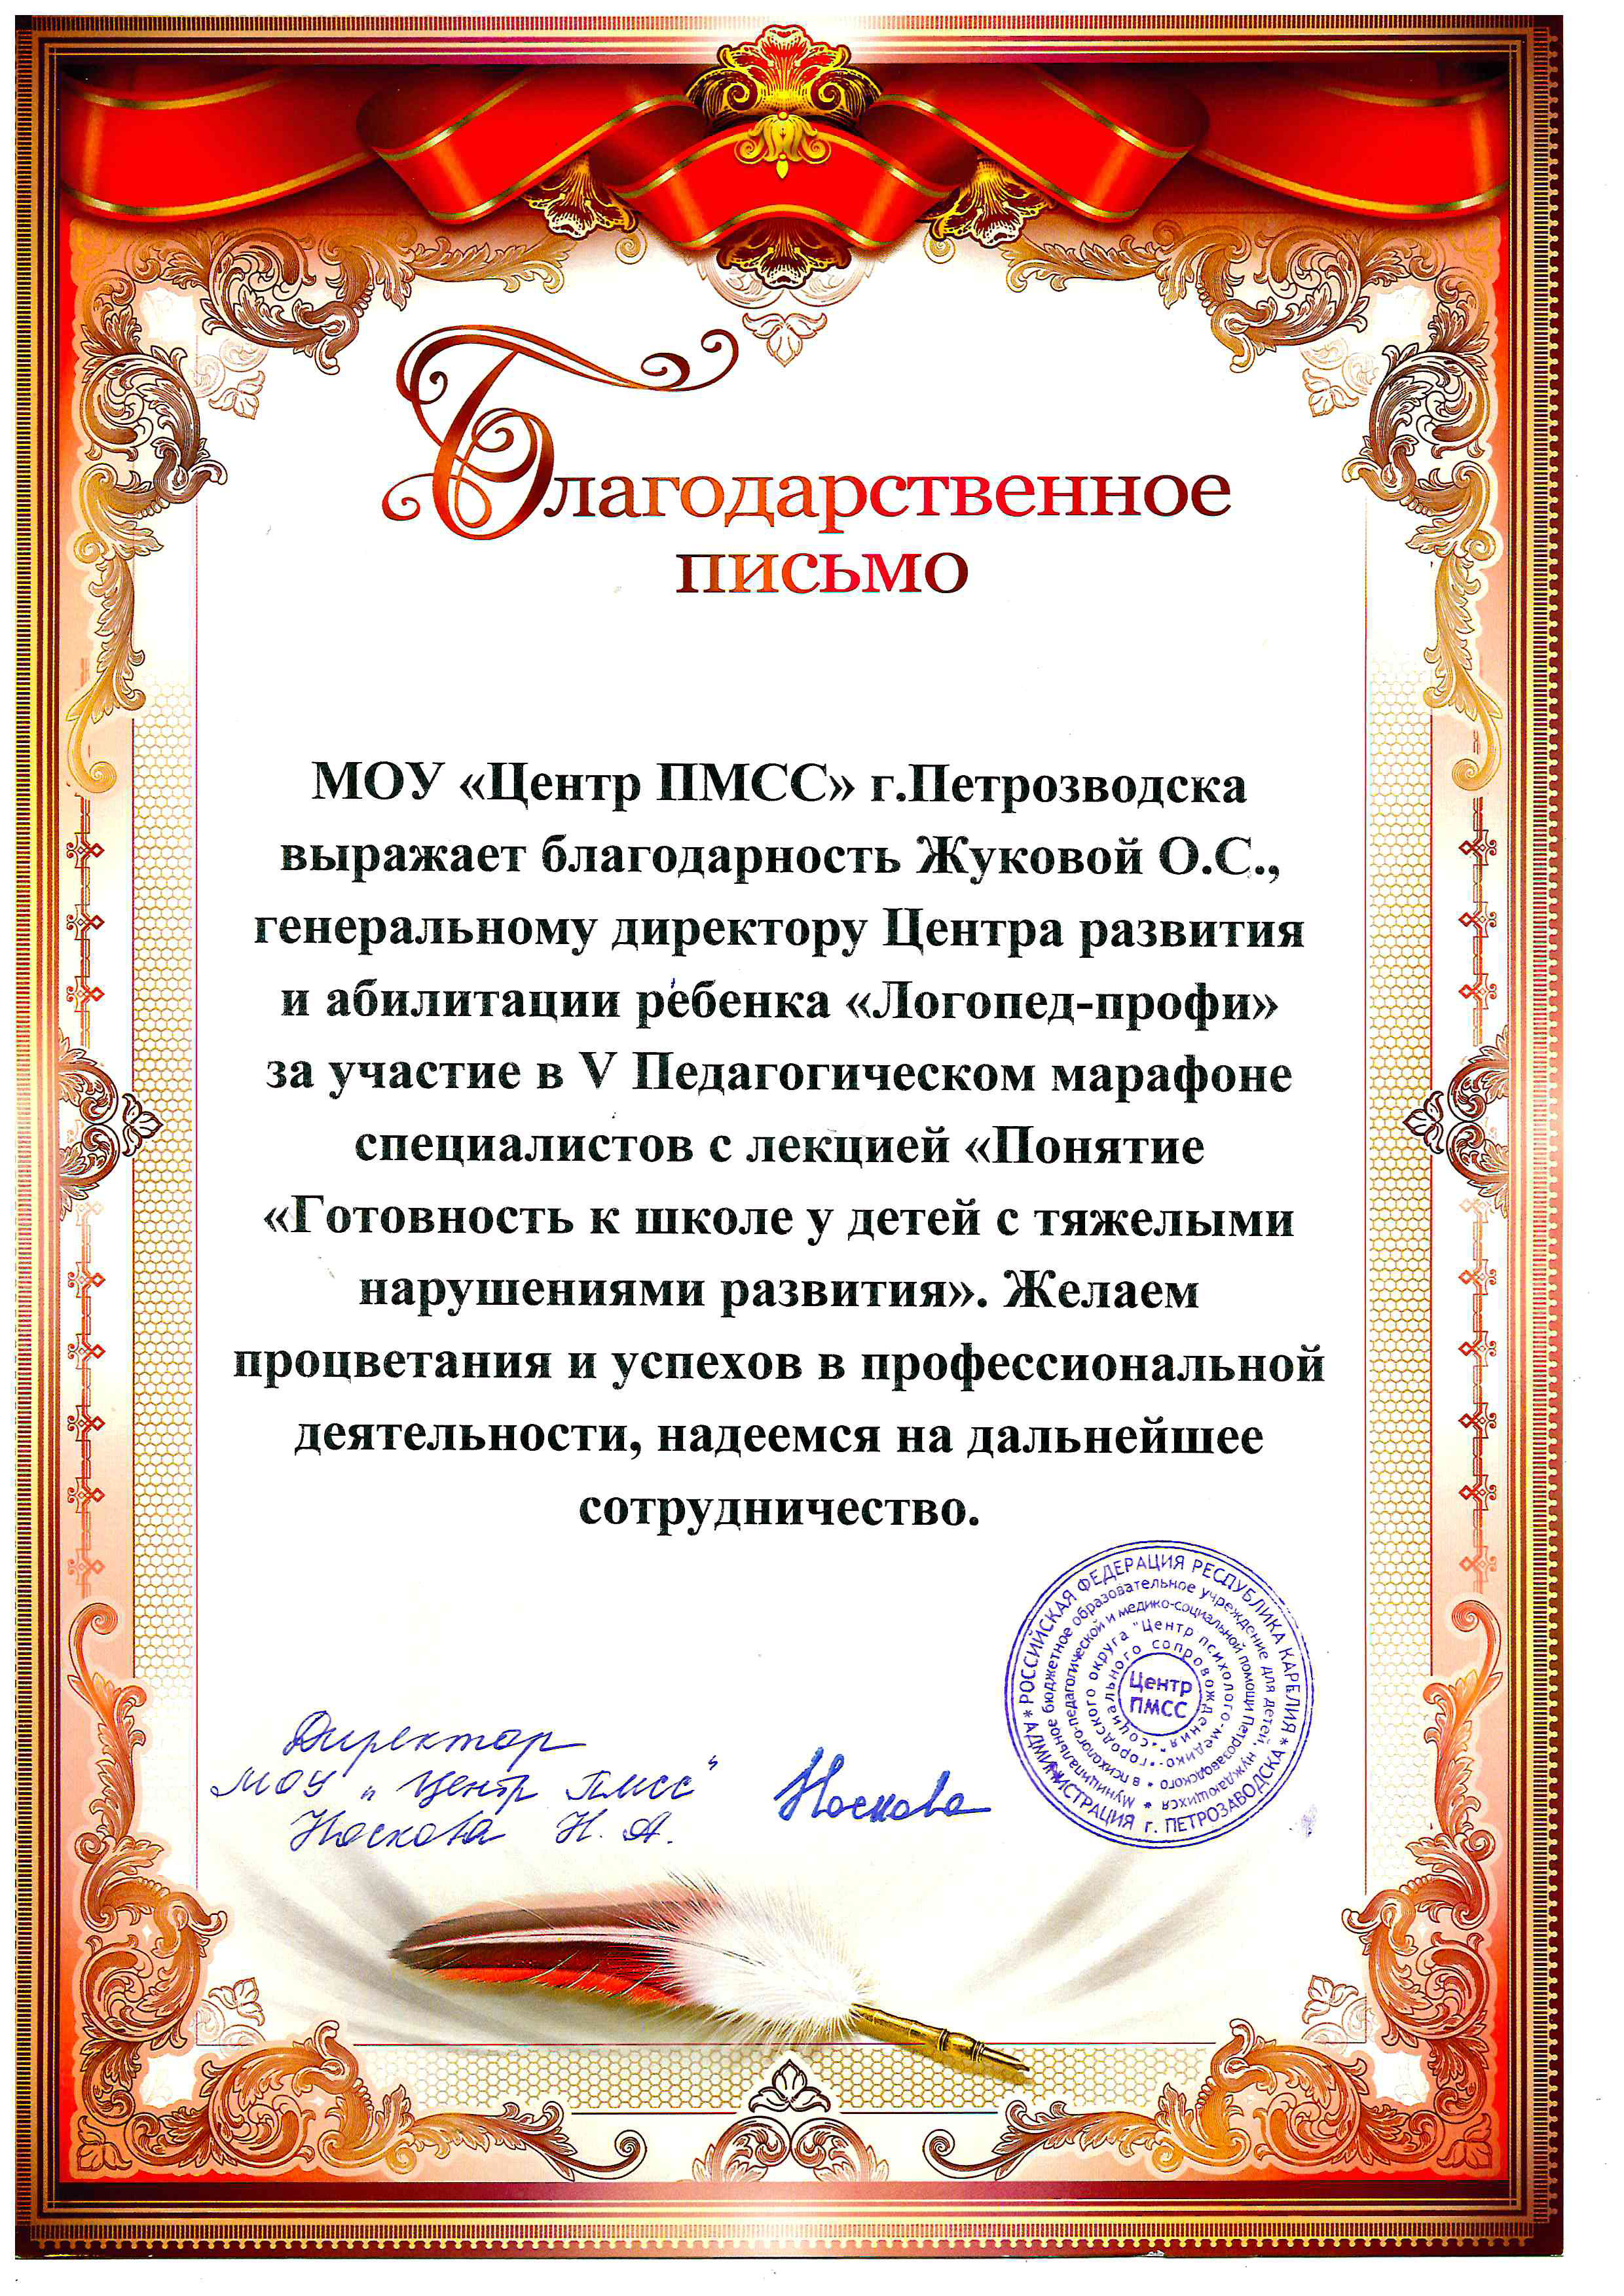 телефонный справочник пос.мга кировский район лен область